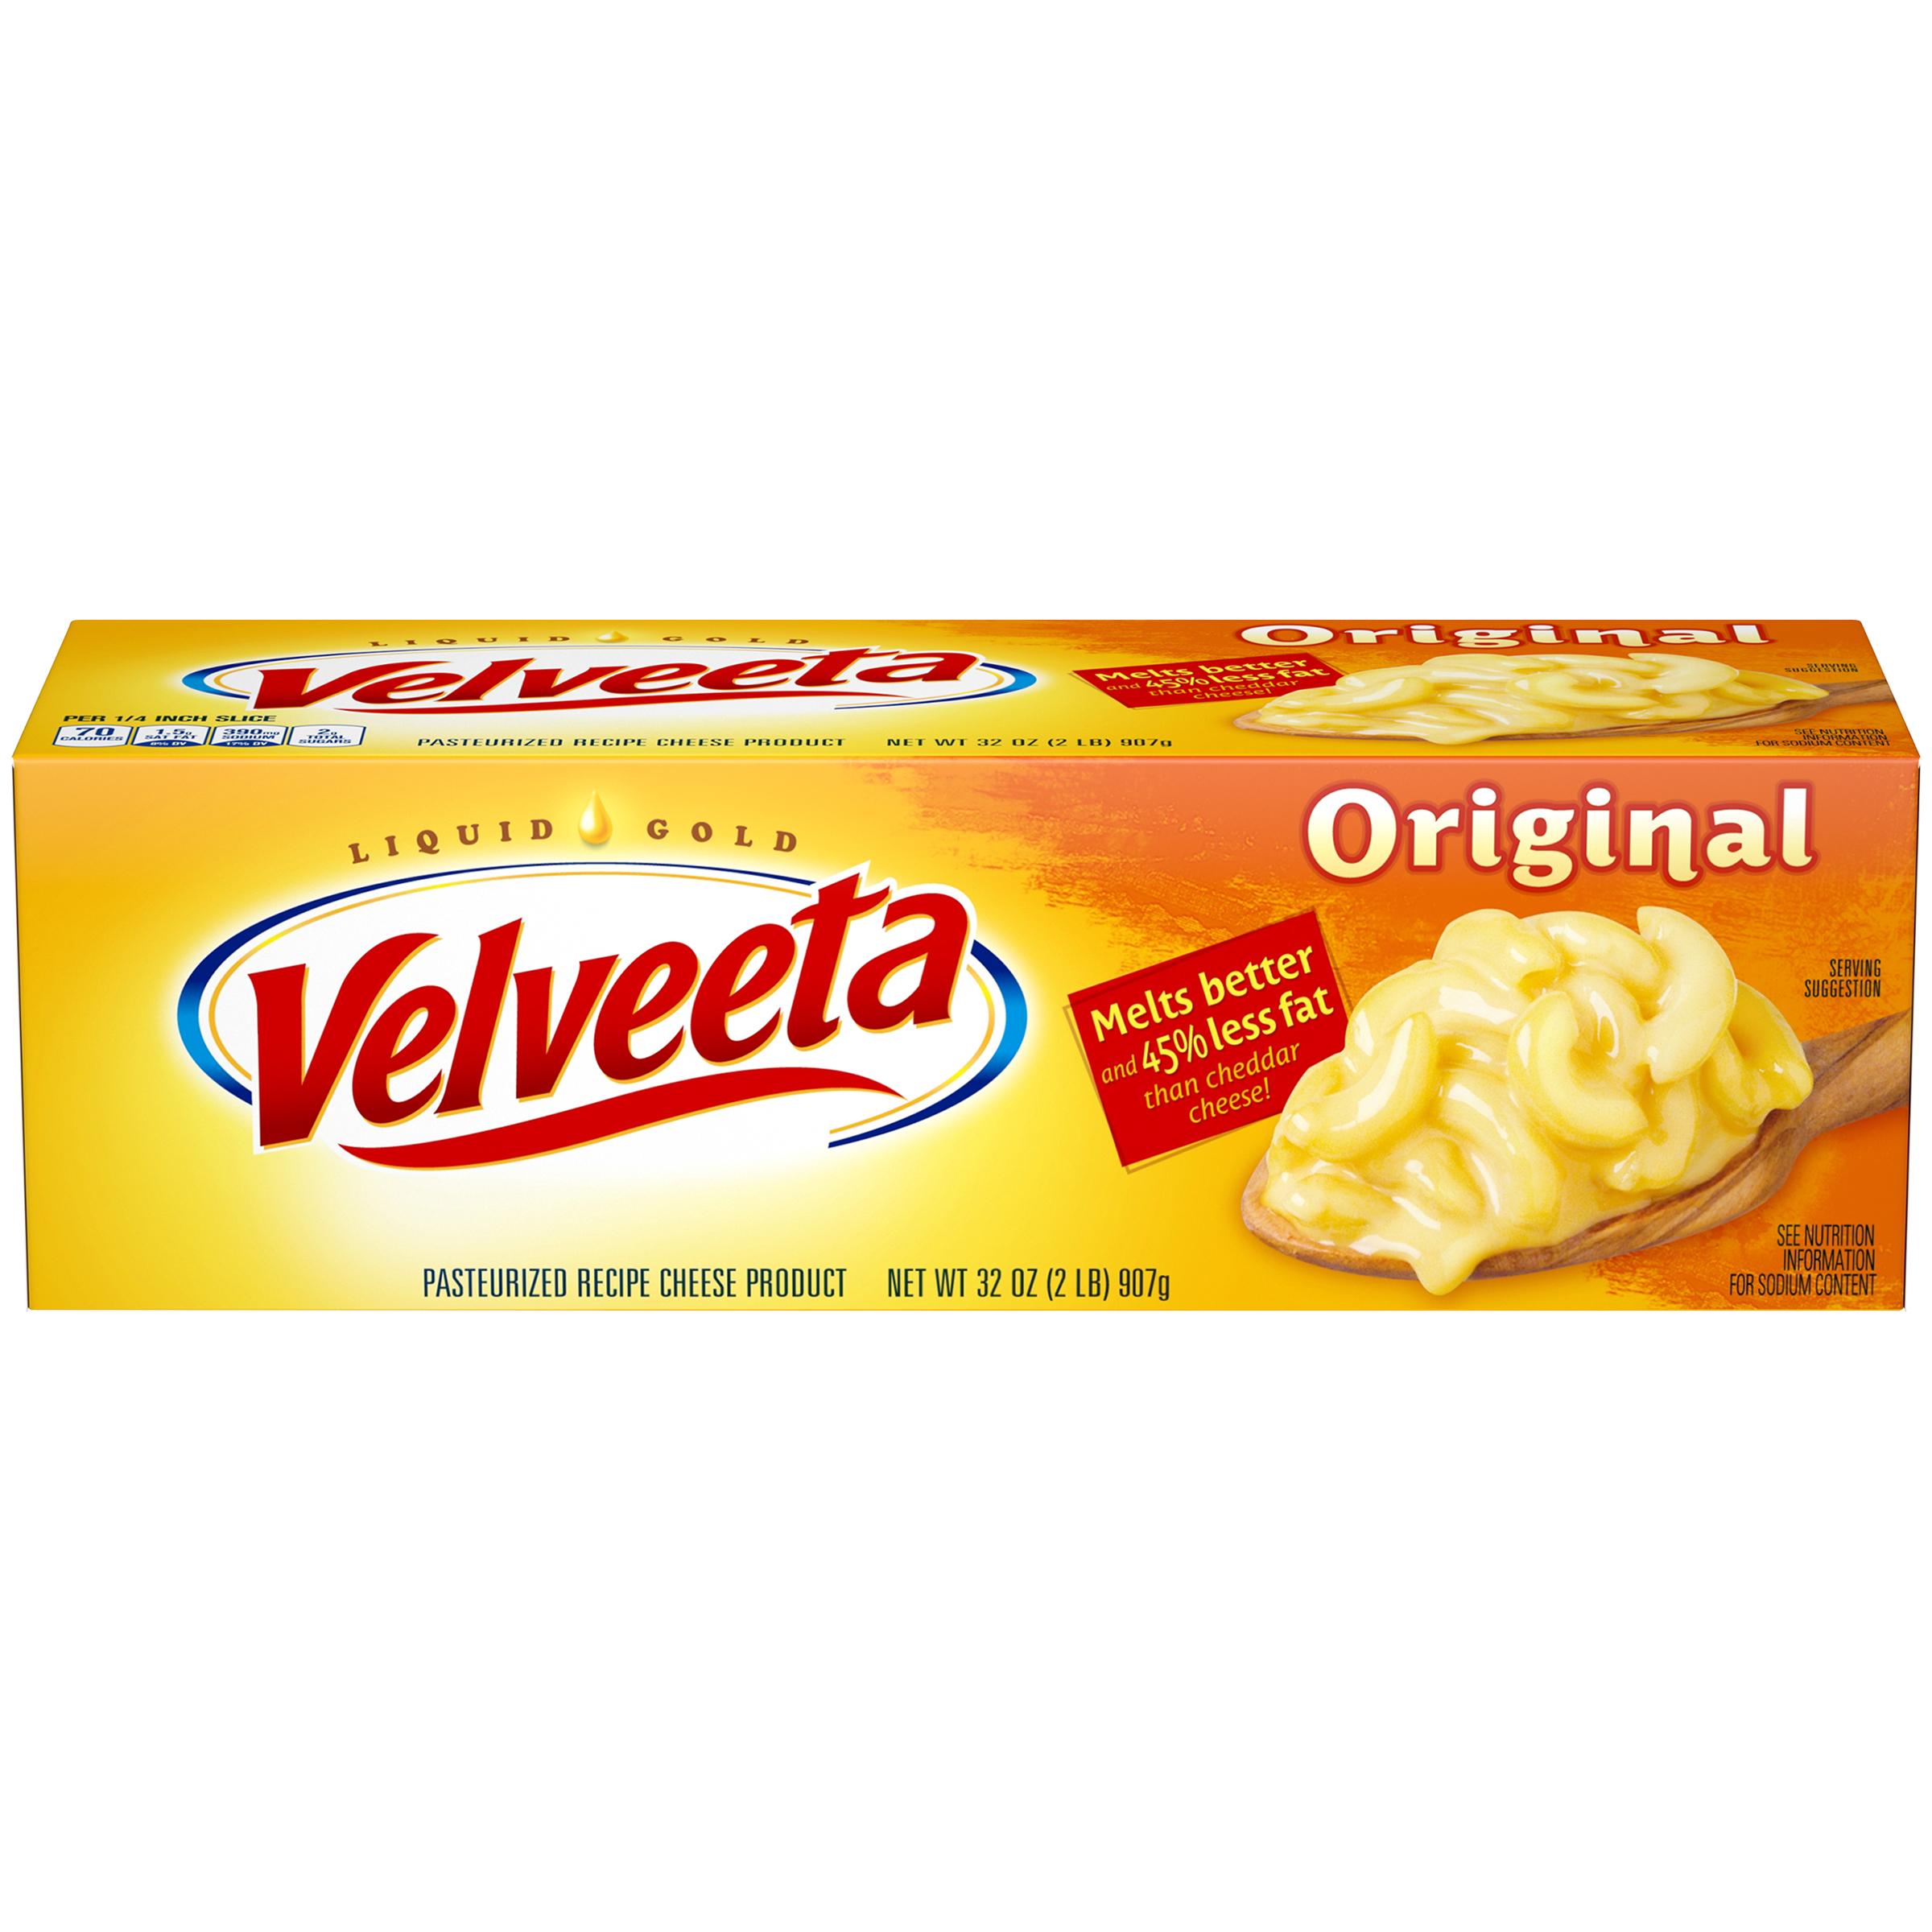 Velveeta Original Cheese